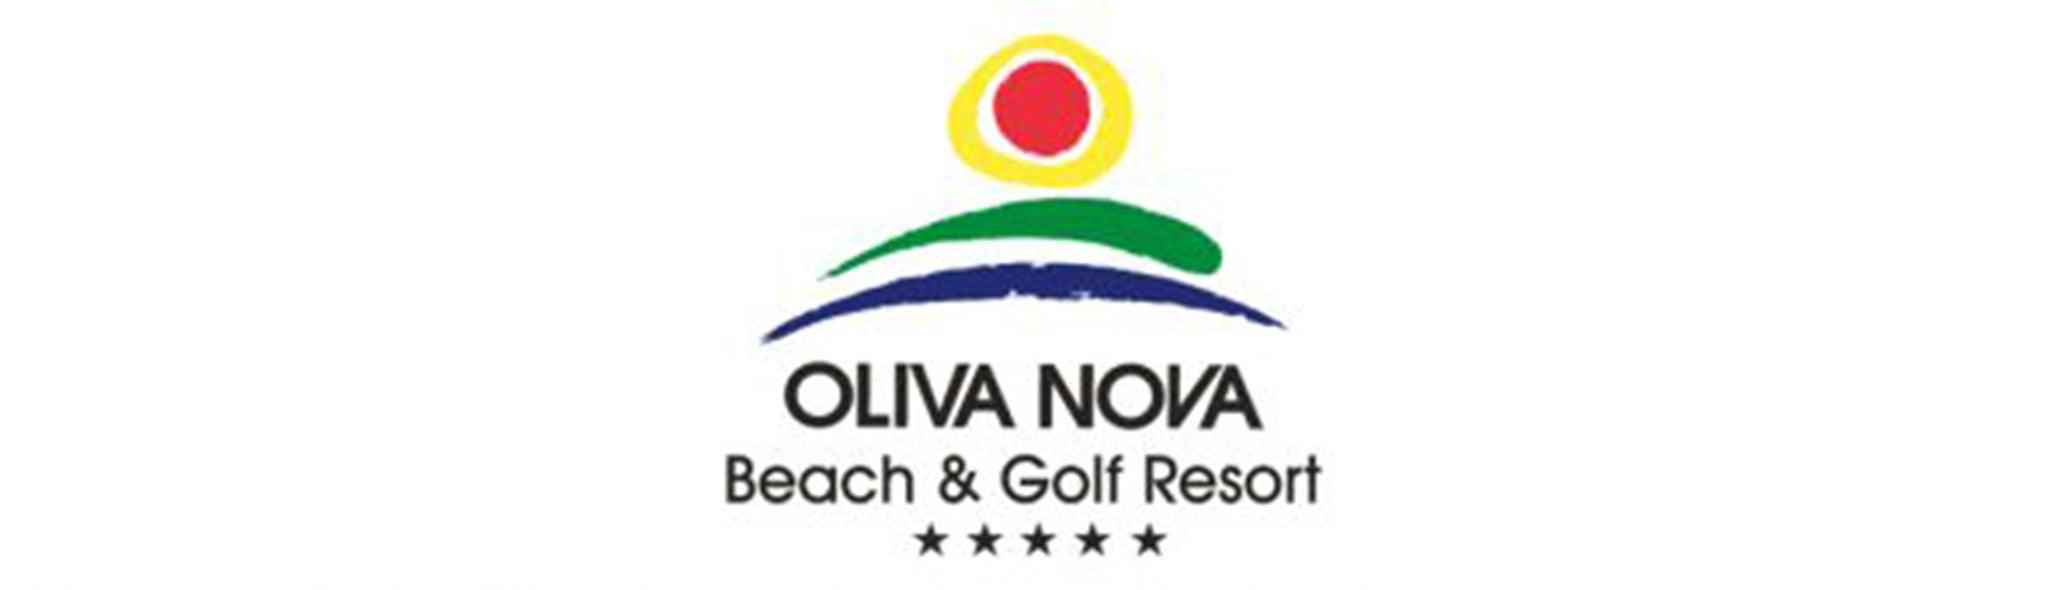 Logotipo Oliva Nova